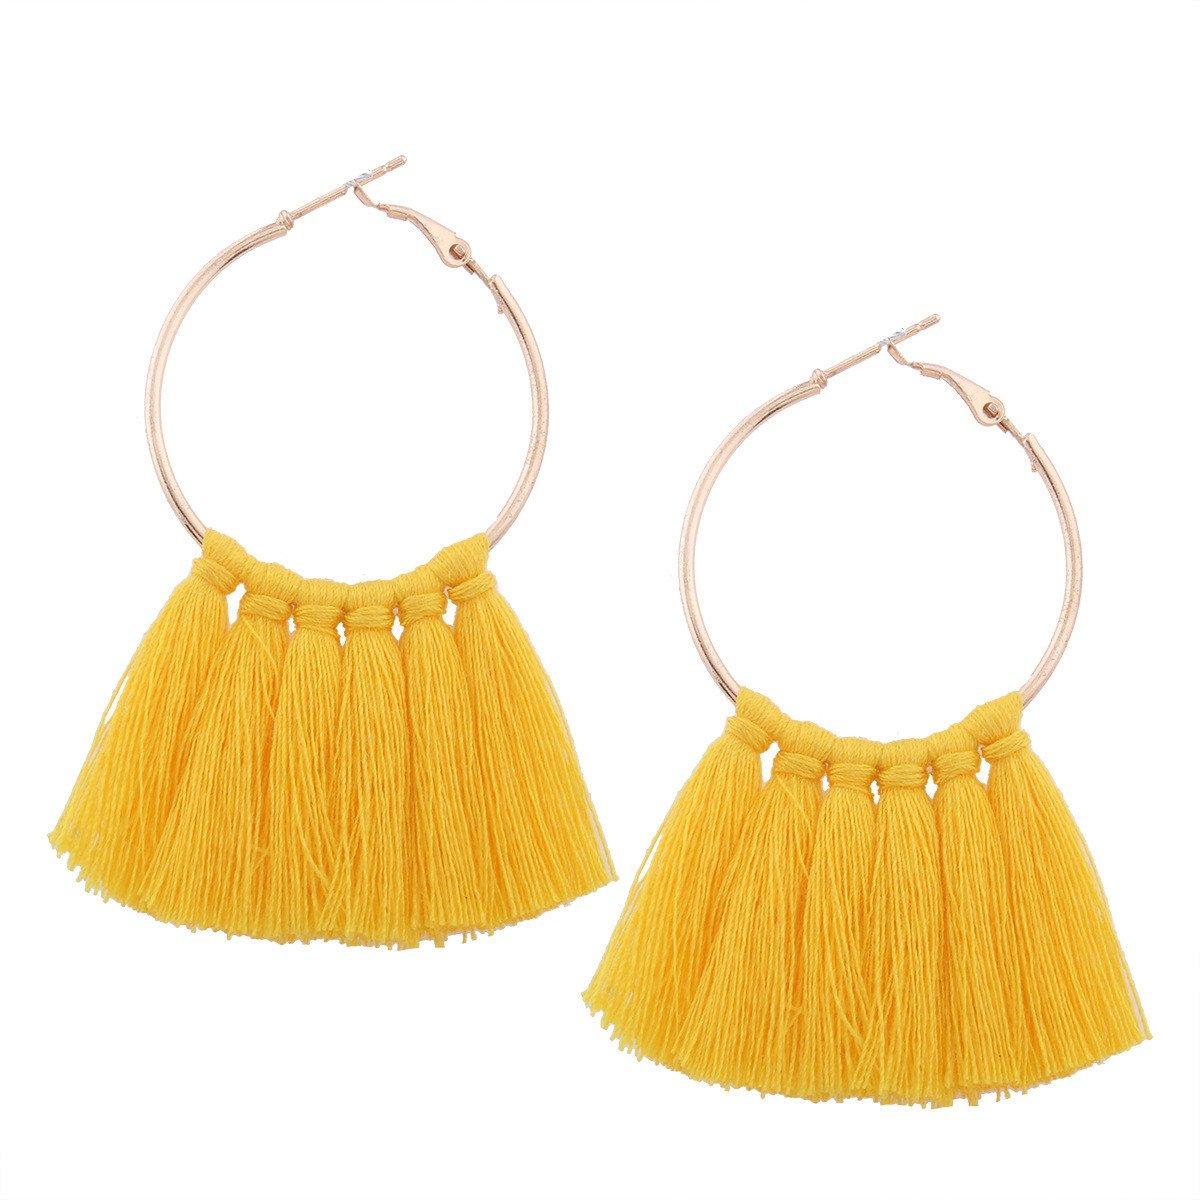 Big Hoop Tassel Dangle Earrings Bohemia Vintage Large Round Circle Stud Earrings for Women Girls